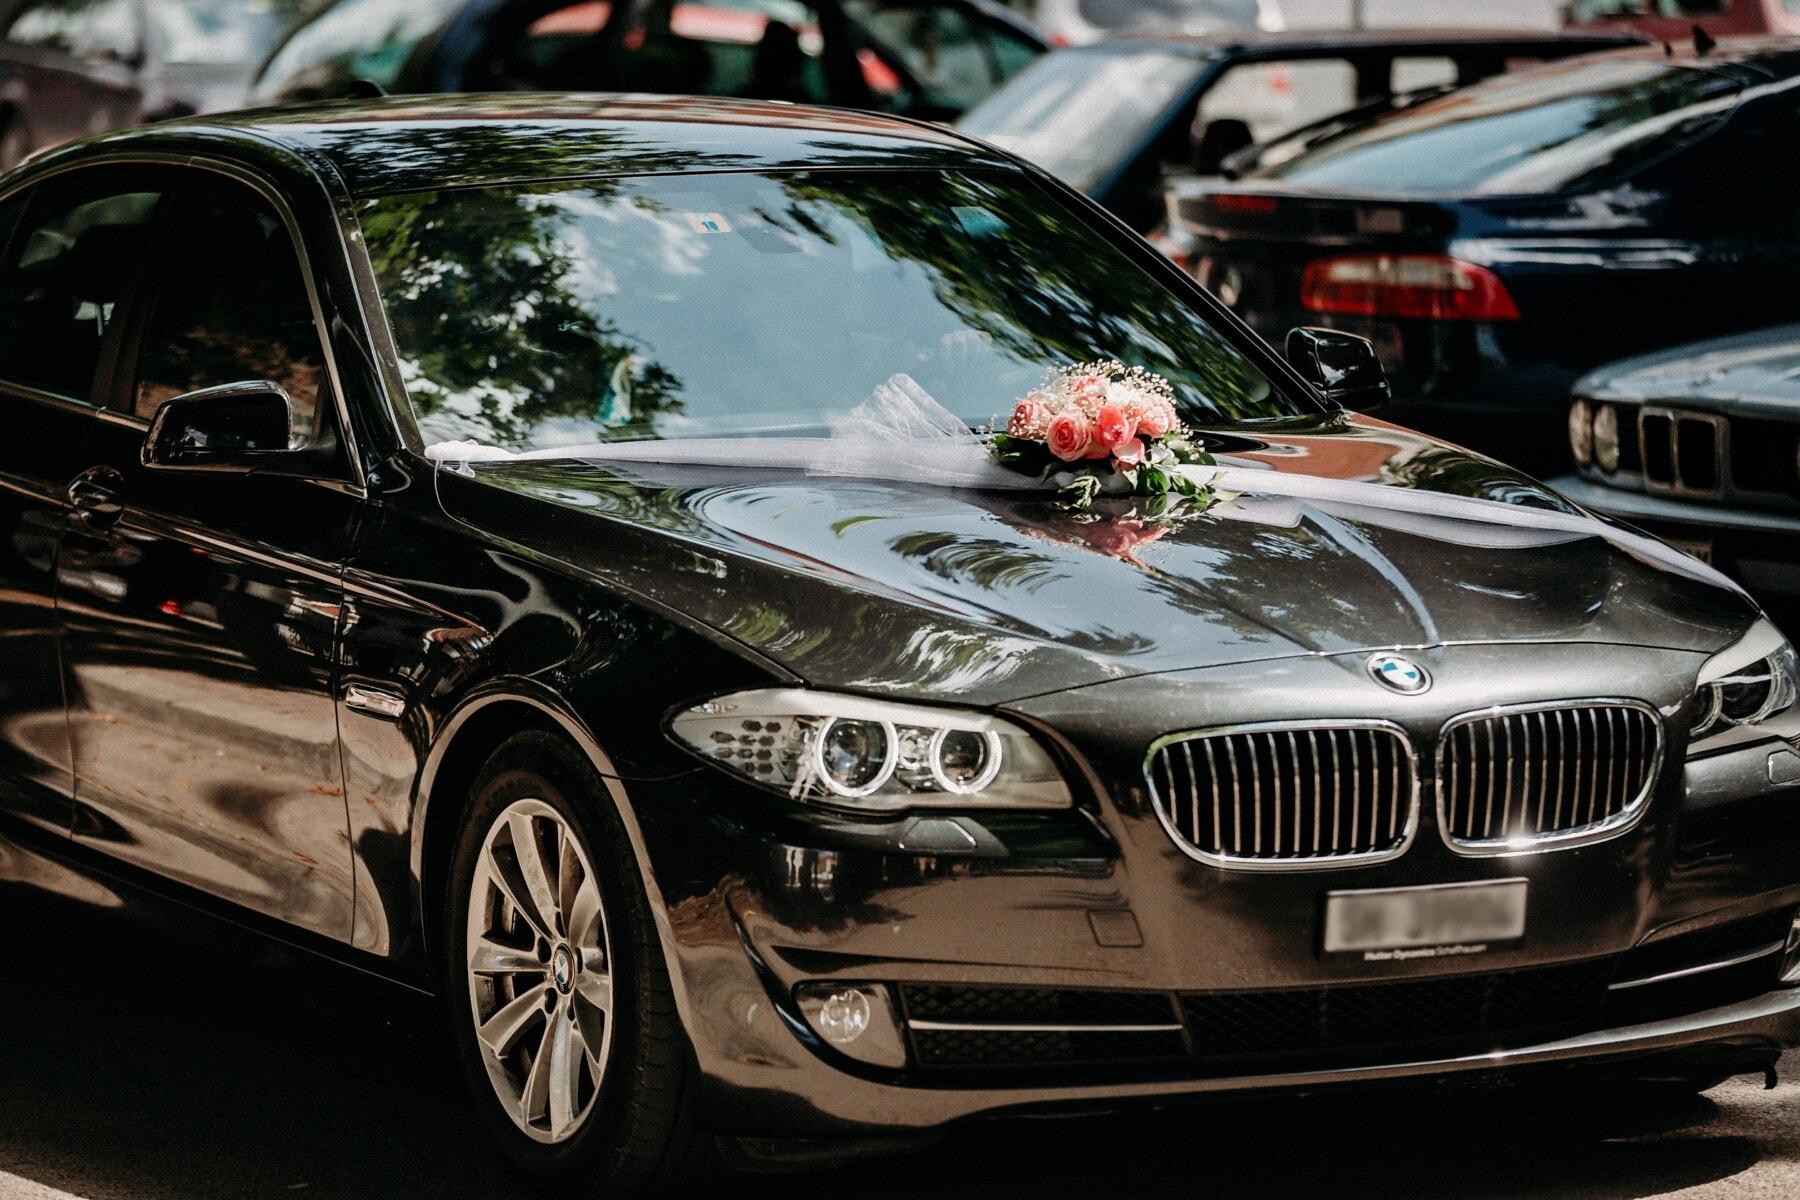 vjenčanje, crno, BMW, sportski auto, luksuzno, limuzina, parkiralište, parkiralište, automobil, automobili, klasično